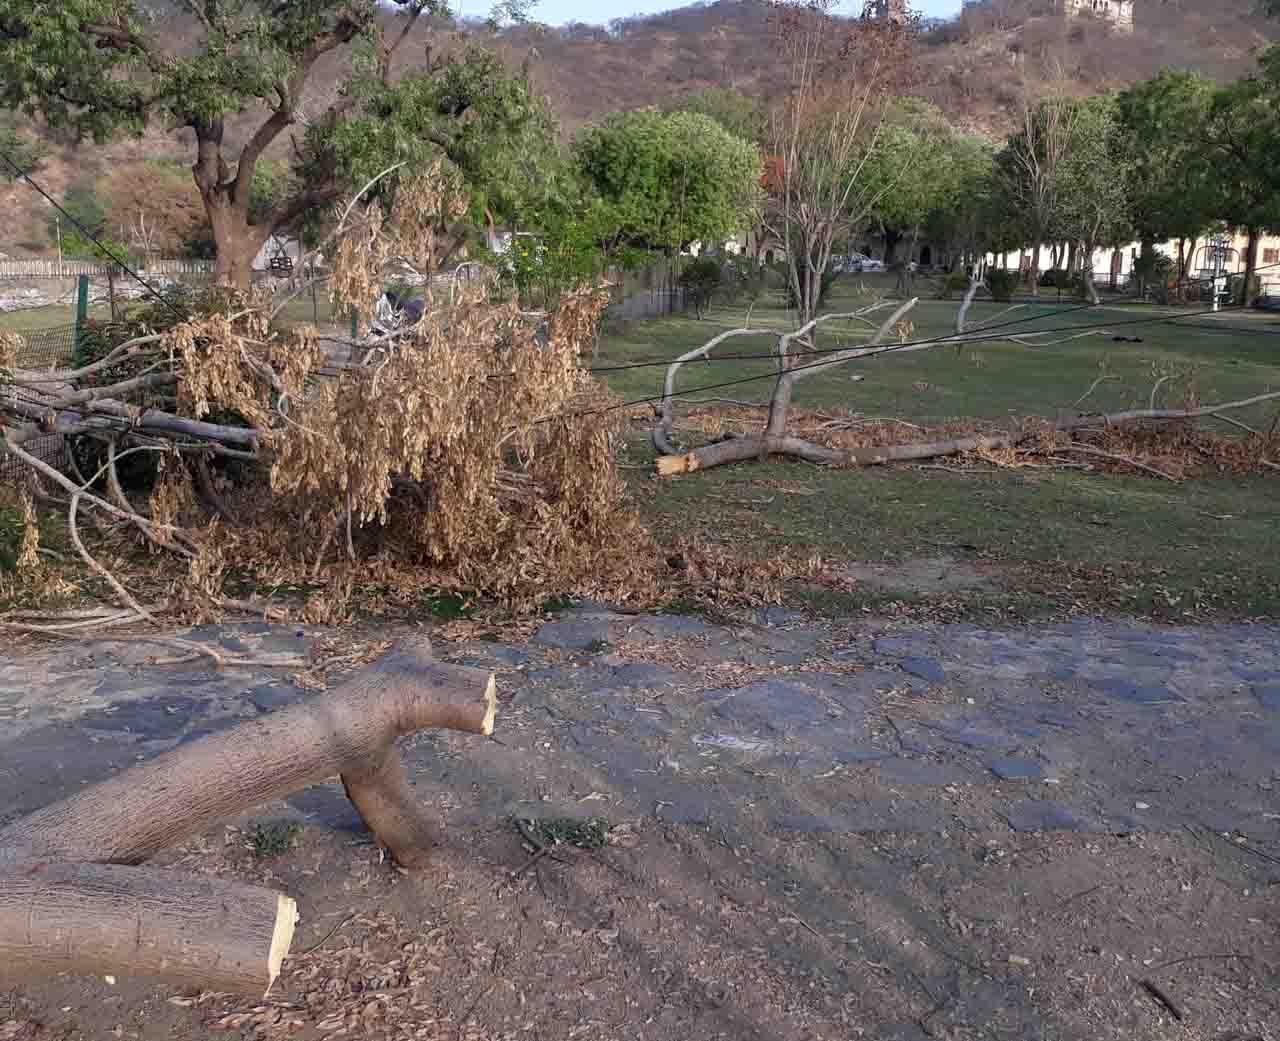 टूटी तारबंदी, उजड़ रहा नौचोकी का उद्यान :पुरातत्व केयर टेकर नहीं गंभीर, चर रहे मवेशी